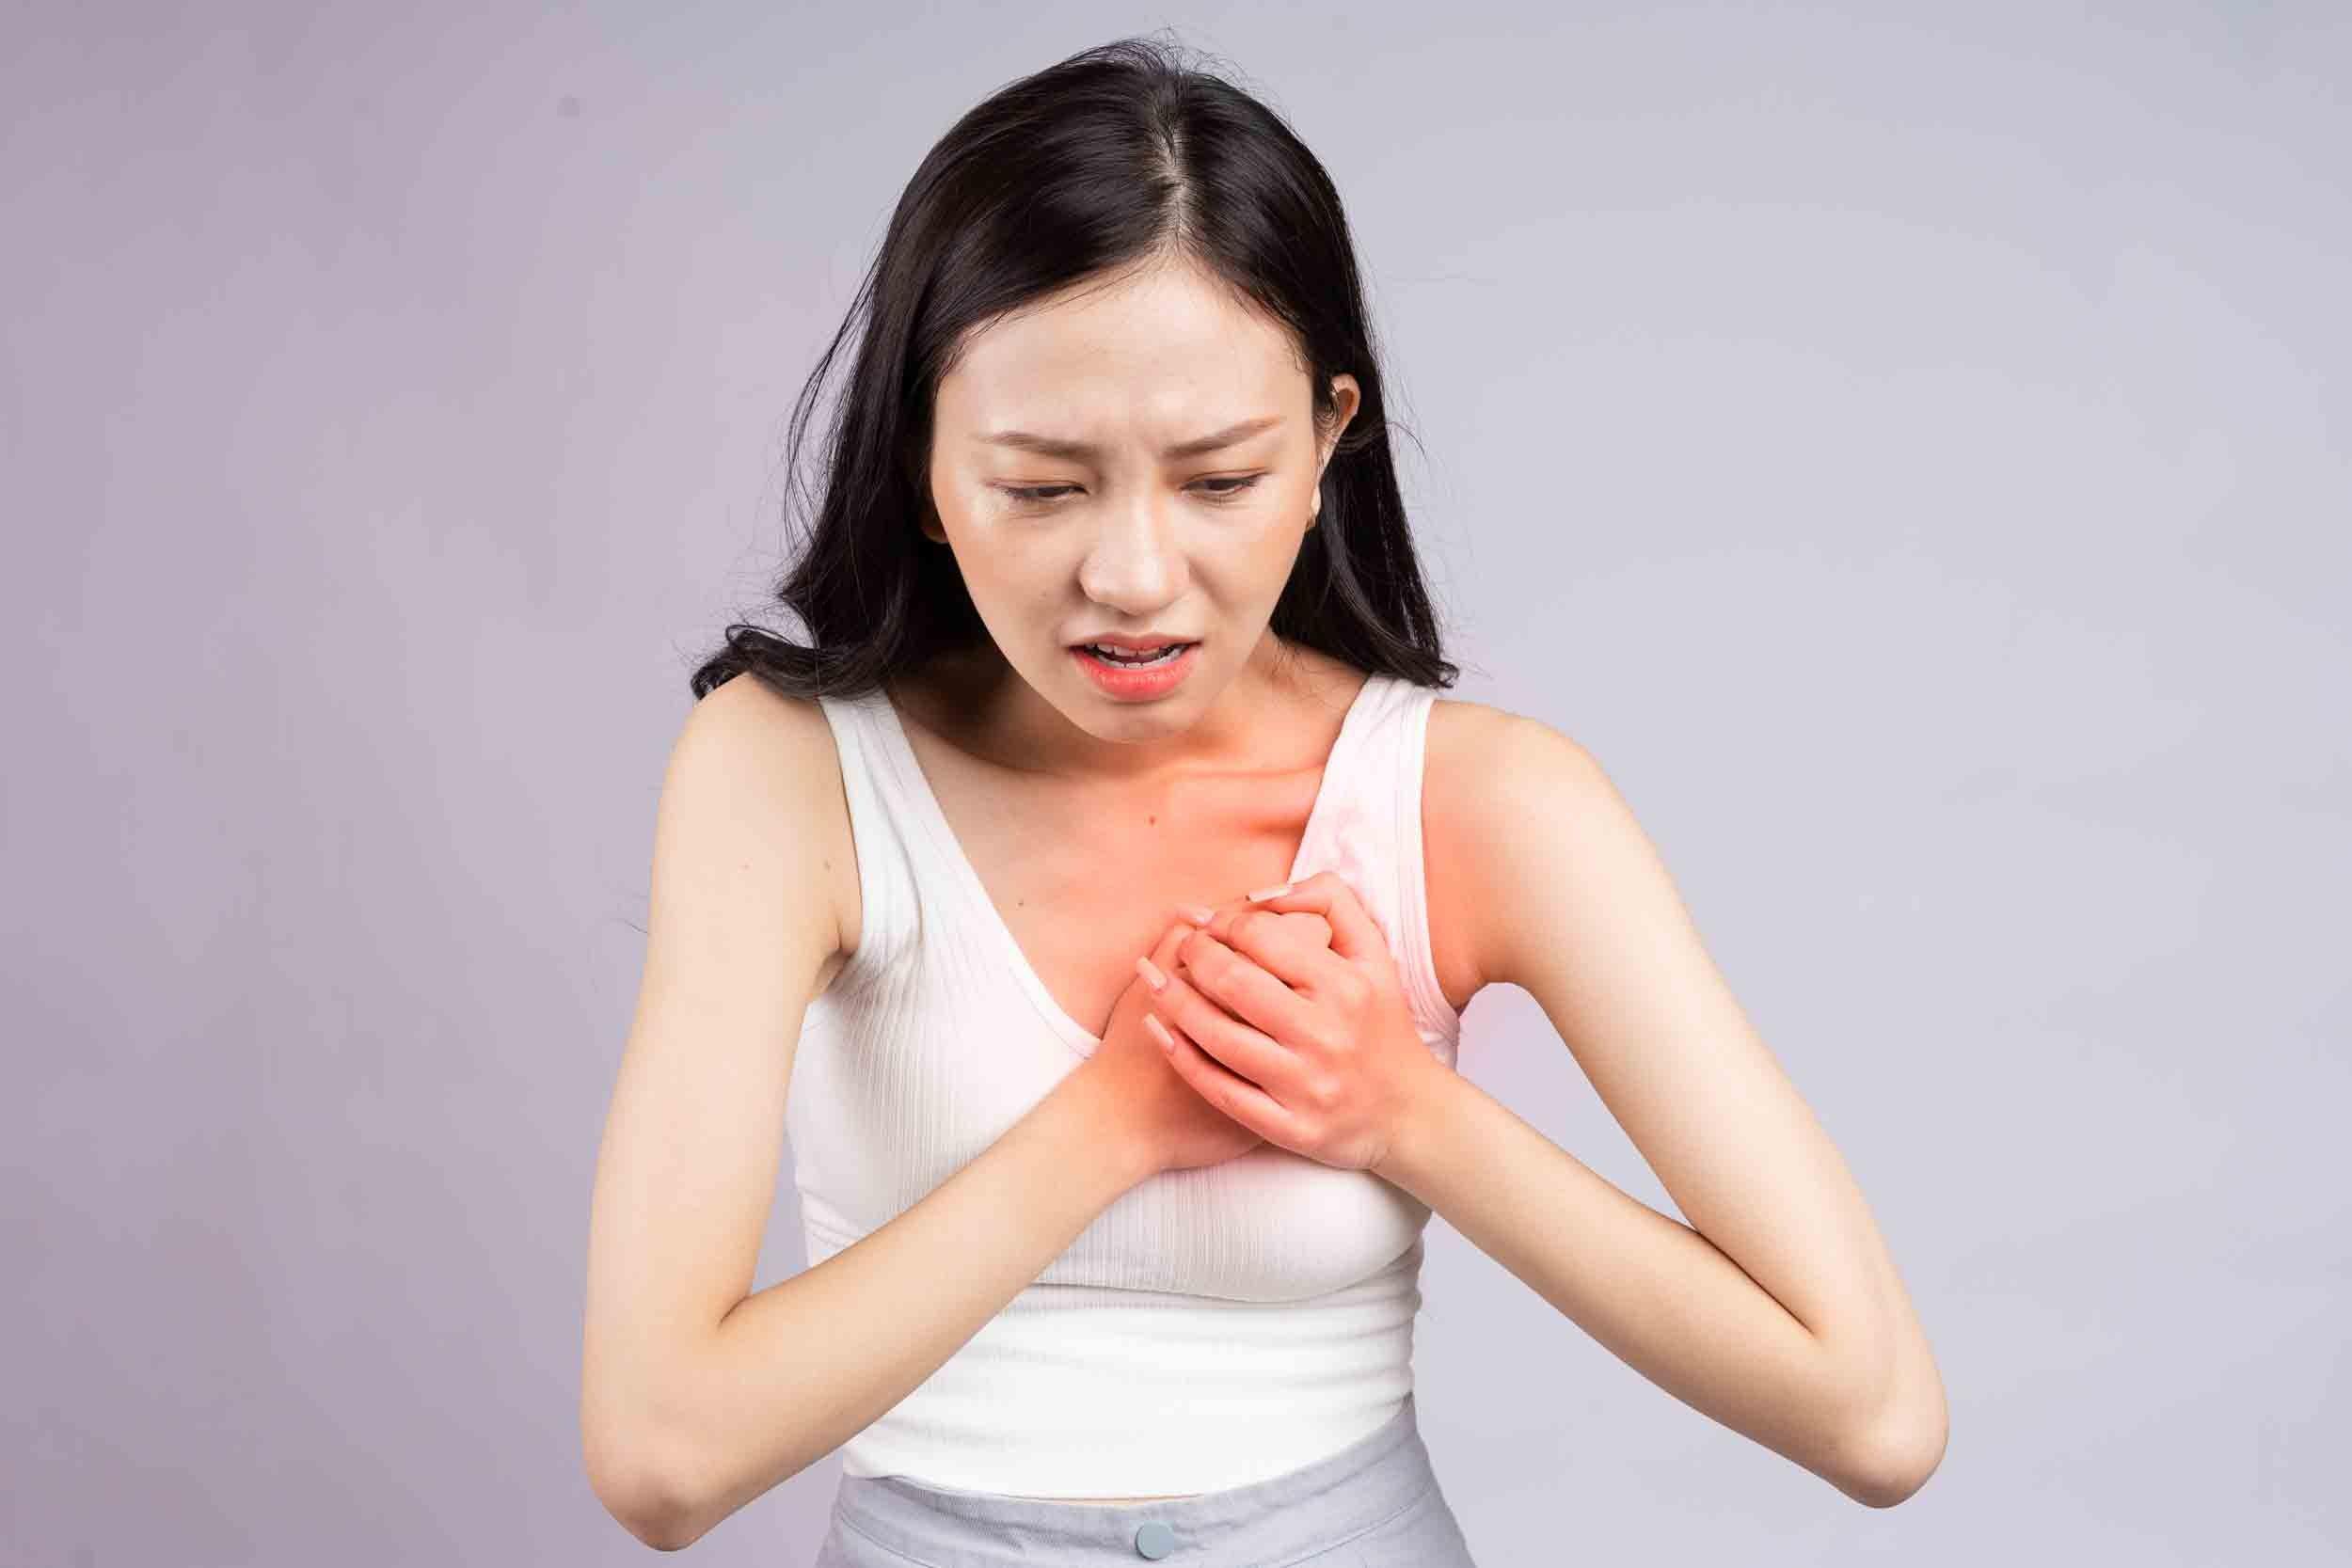 L'infarctus chez la femme ne présente parfois aucun symptôme